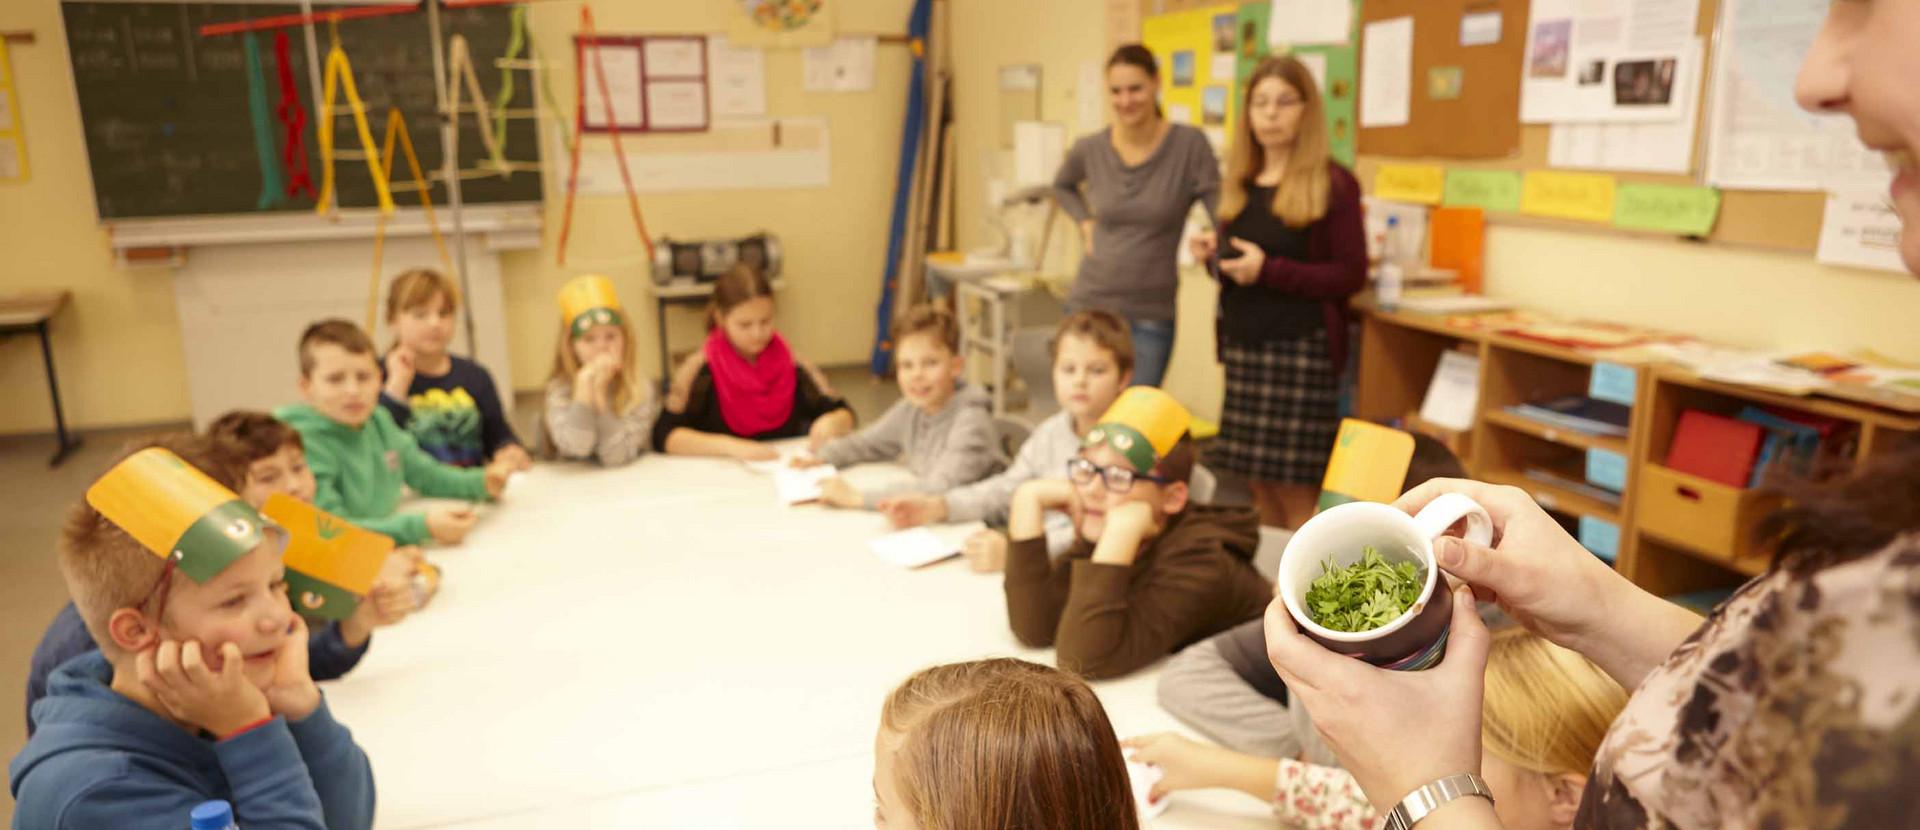 Kinder sitzen an Tischen in der Schule